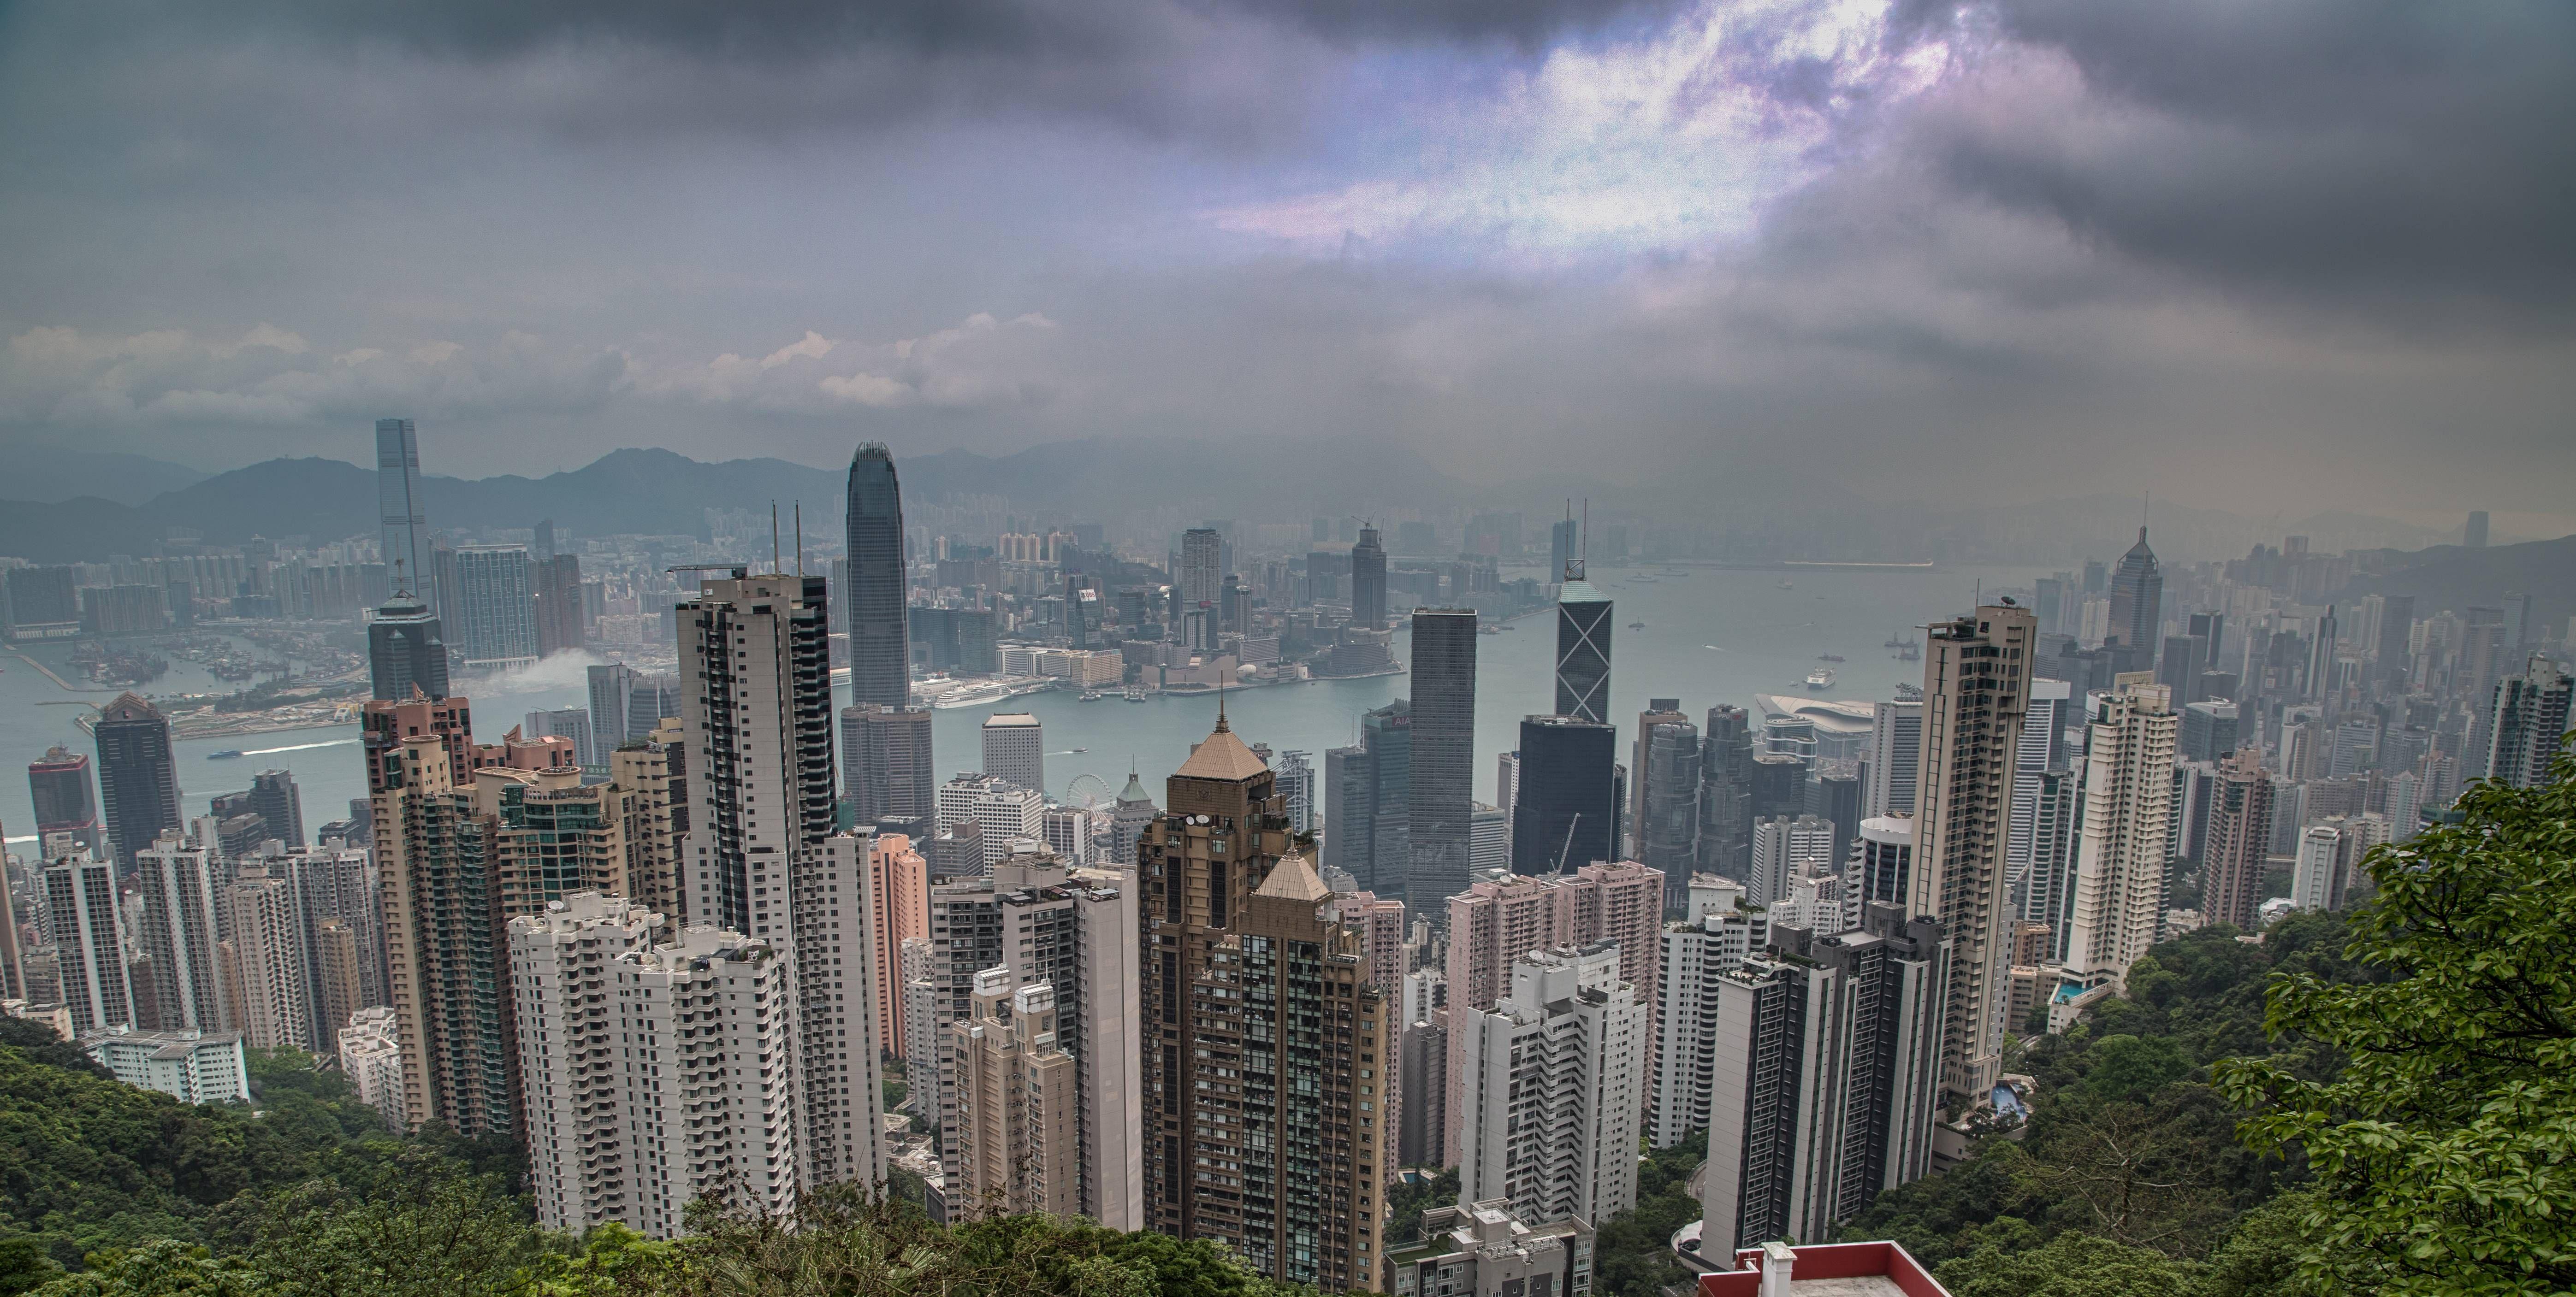 Hong Kong Hd Wallpaper From Gallsource Com Hd Wallpaper